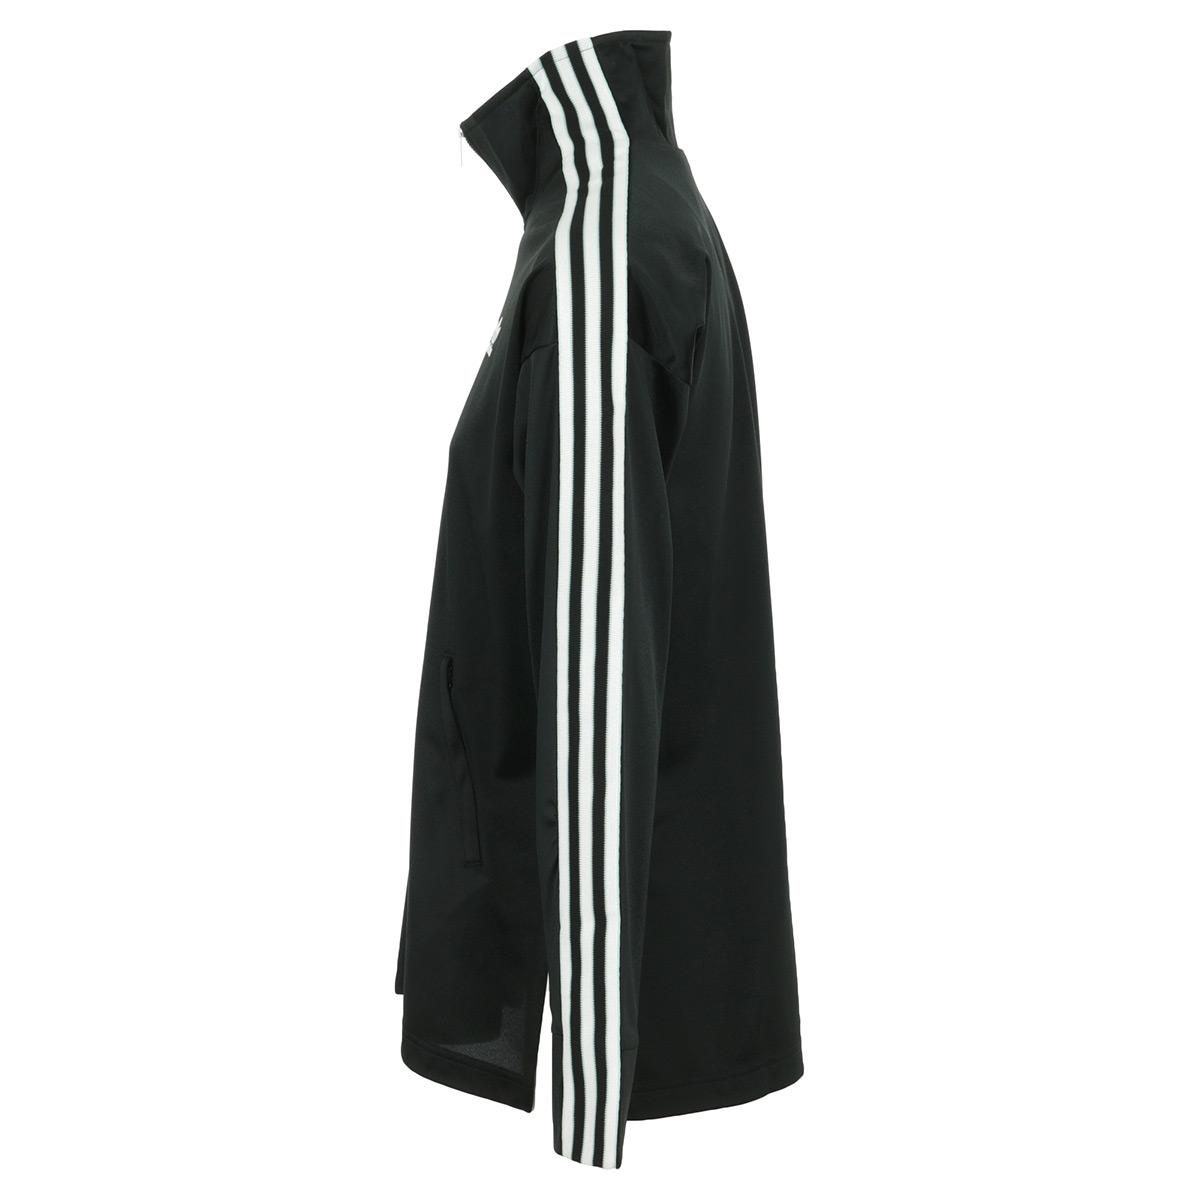 Détails sur Vêtement Vestes sport adidas femme Track Top Wn's taille Noir Noire Polyester